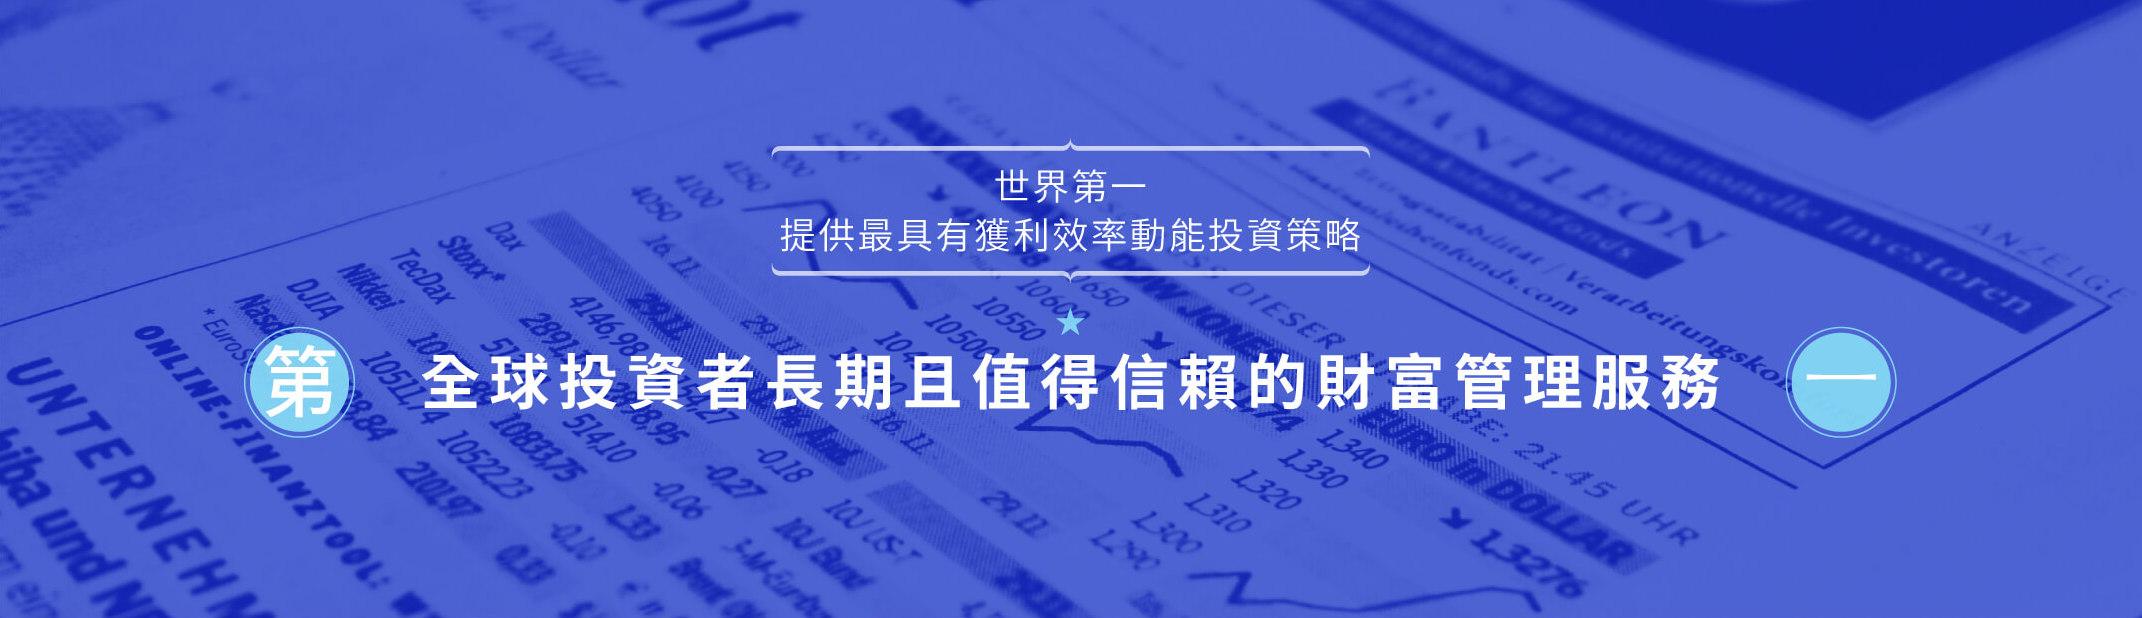 世界第一提供100%精確價格圖形比對,全球第一投資者長期且值得信賴的財富管理服務